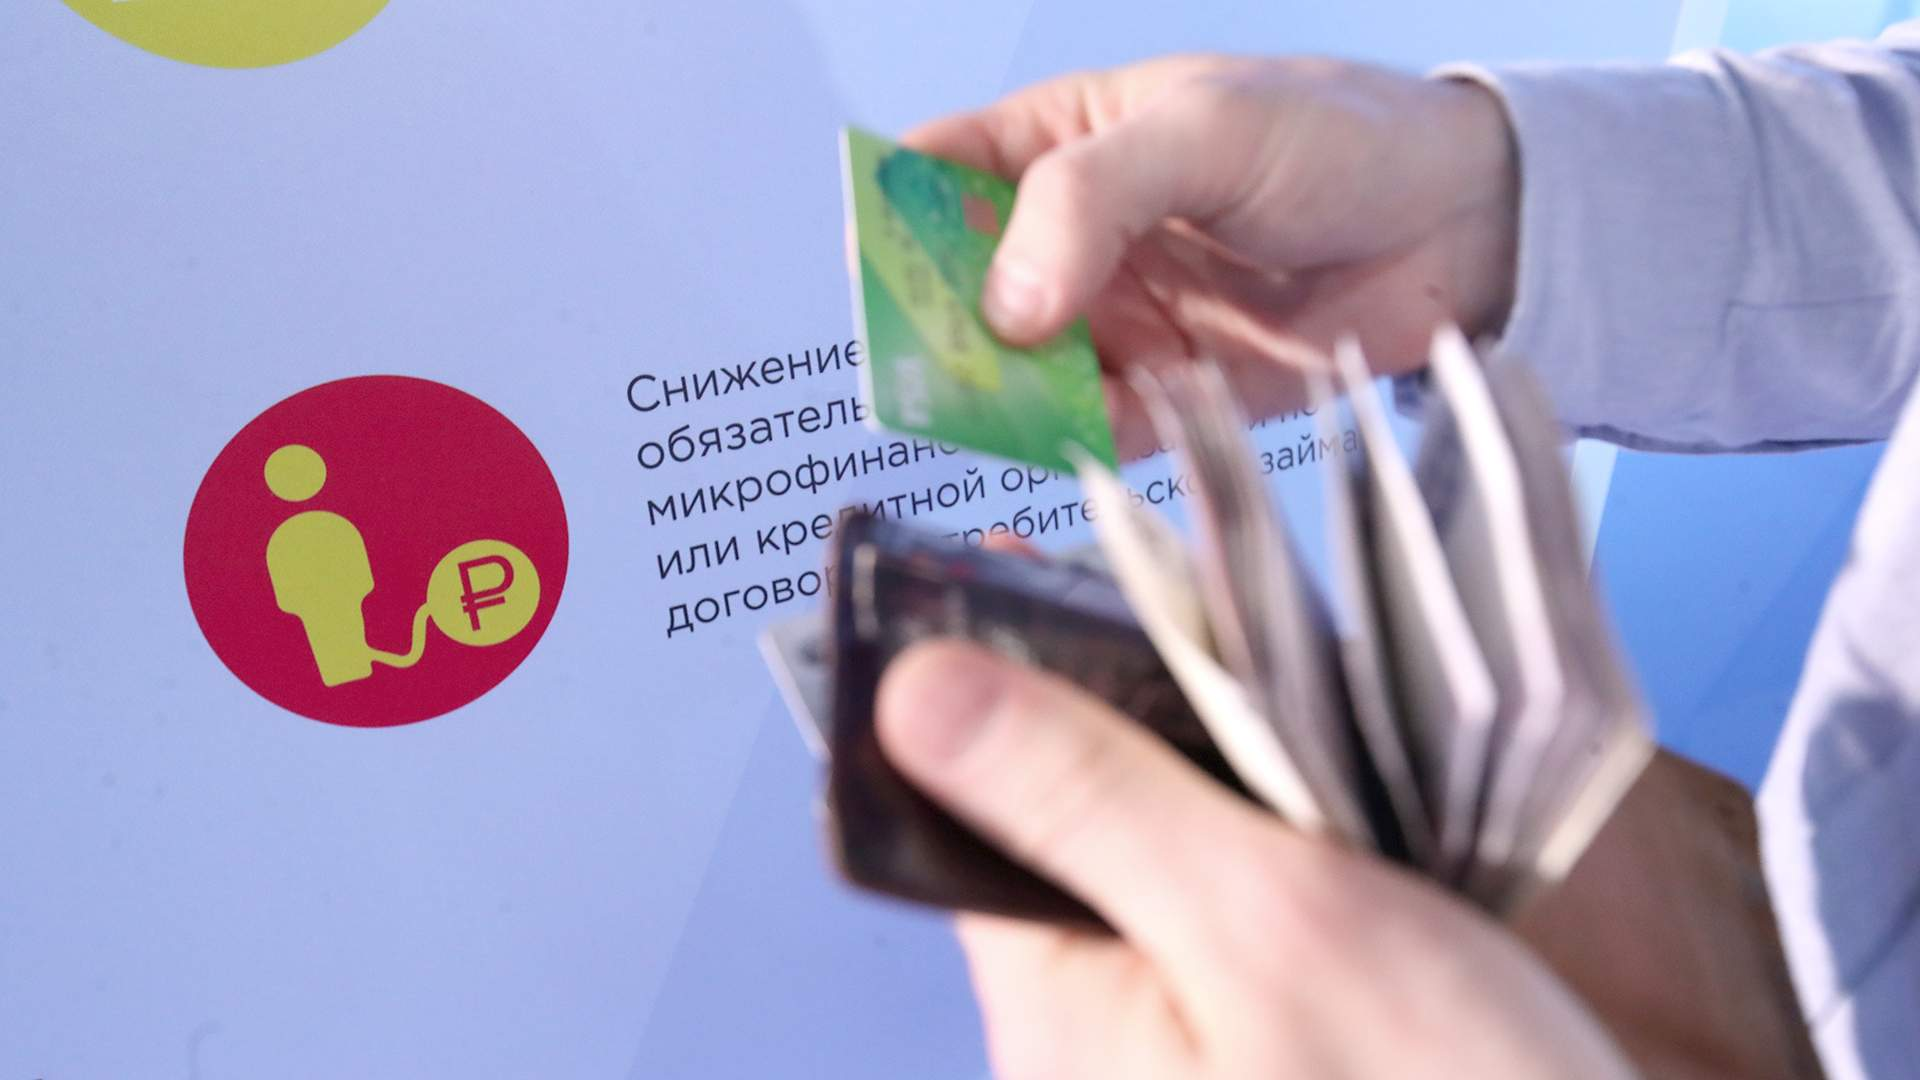 займ только по паспорту на карту на длительный срок онлайн